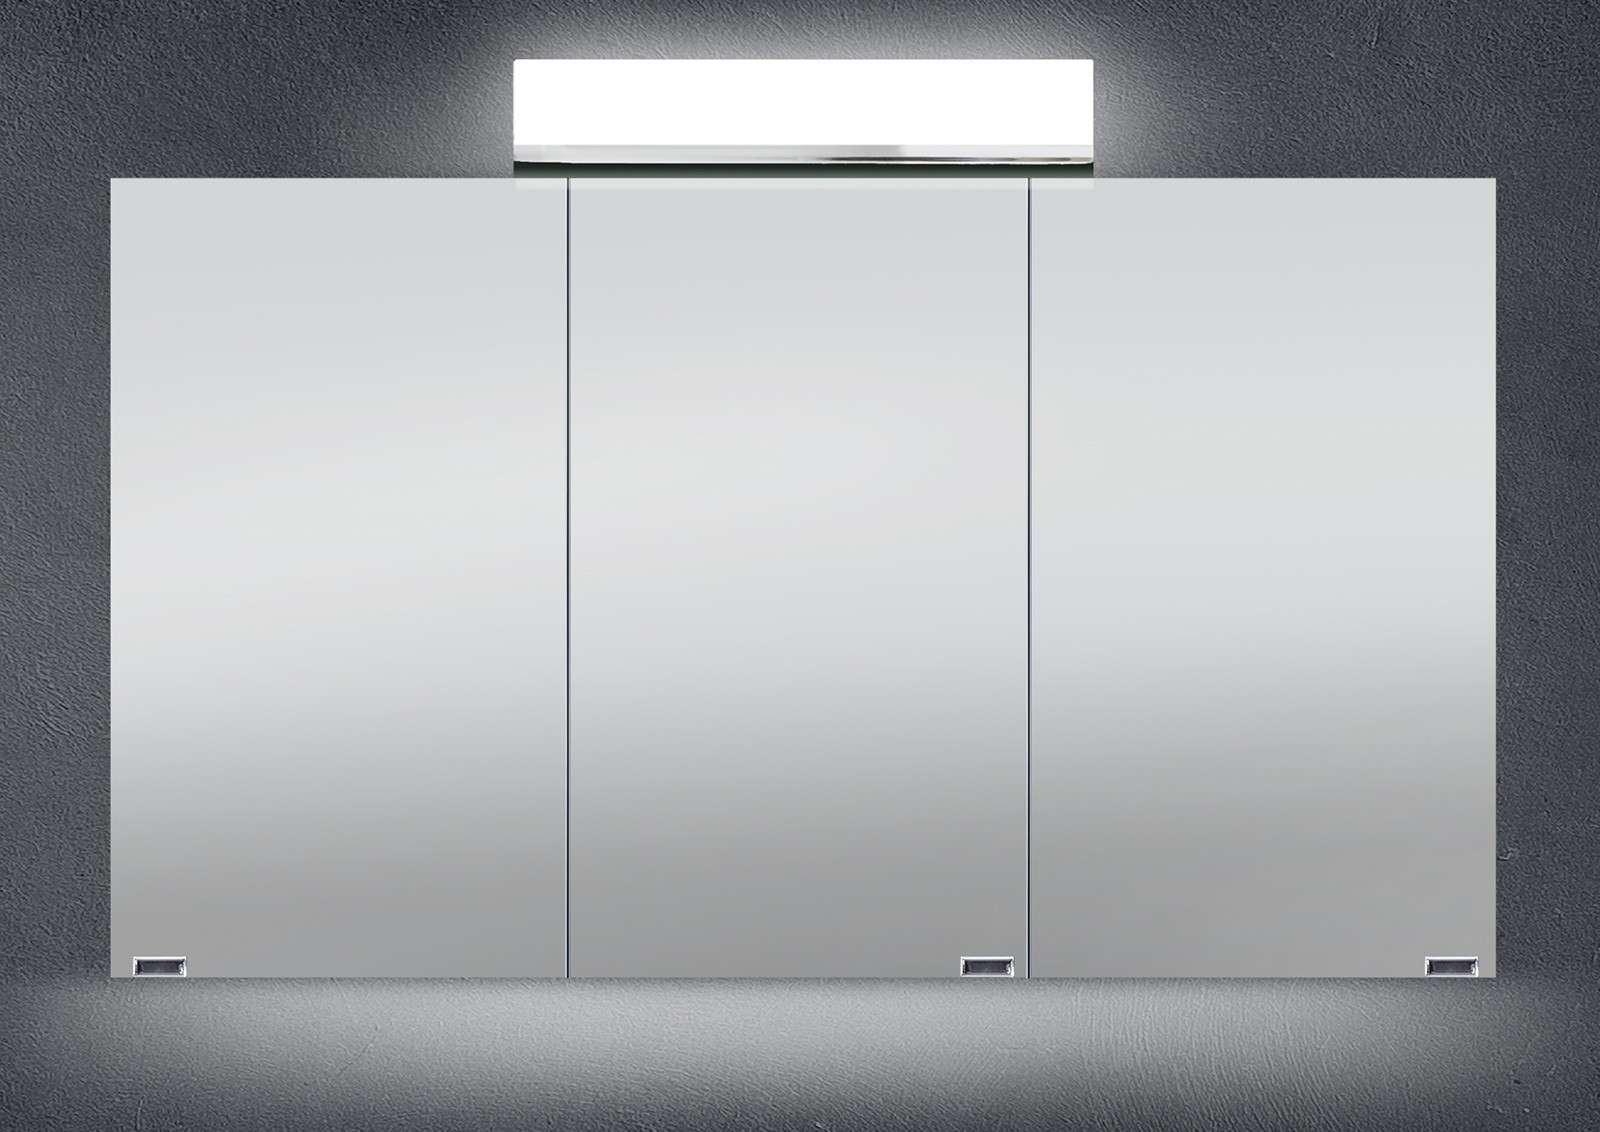 Ordentlich Spiegelschrank Bad 120 cm LED Beleuchtung doppelseitig verspiegelt  PP42